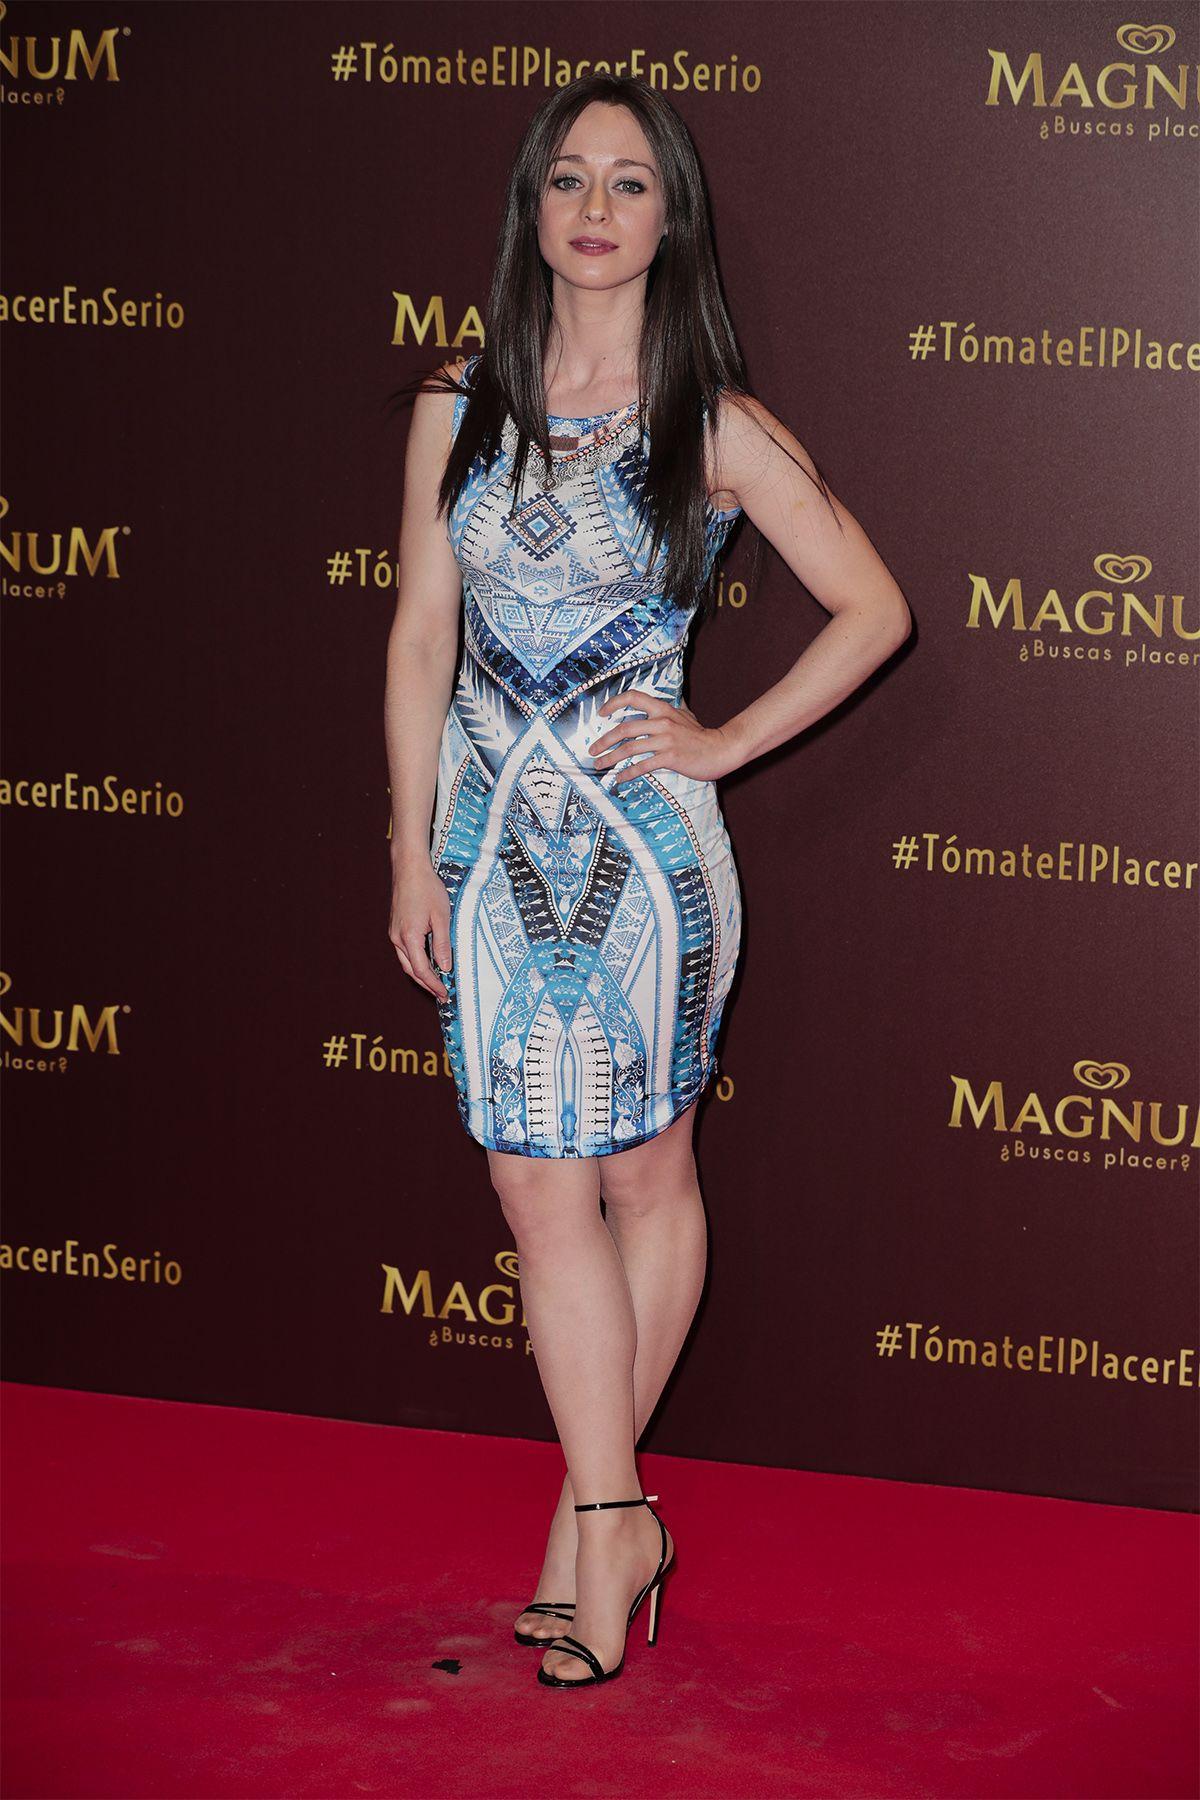 en la fiesta de Magnum en Madrid